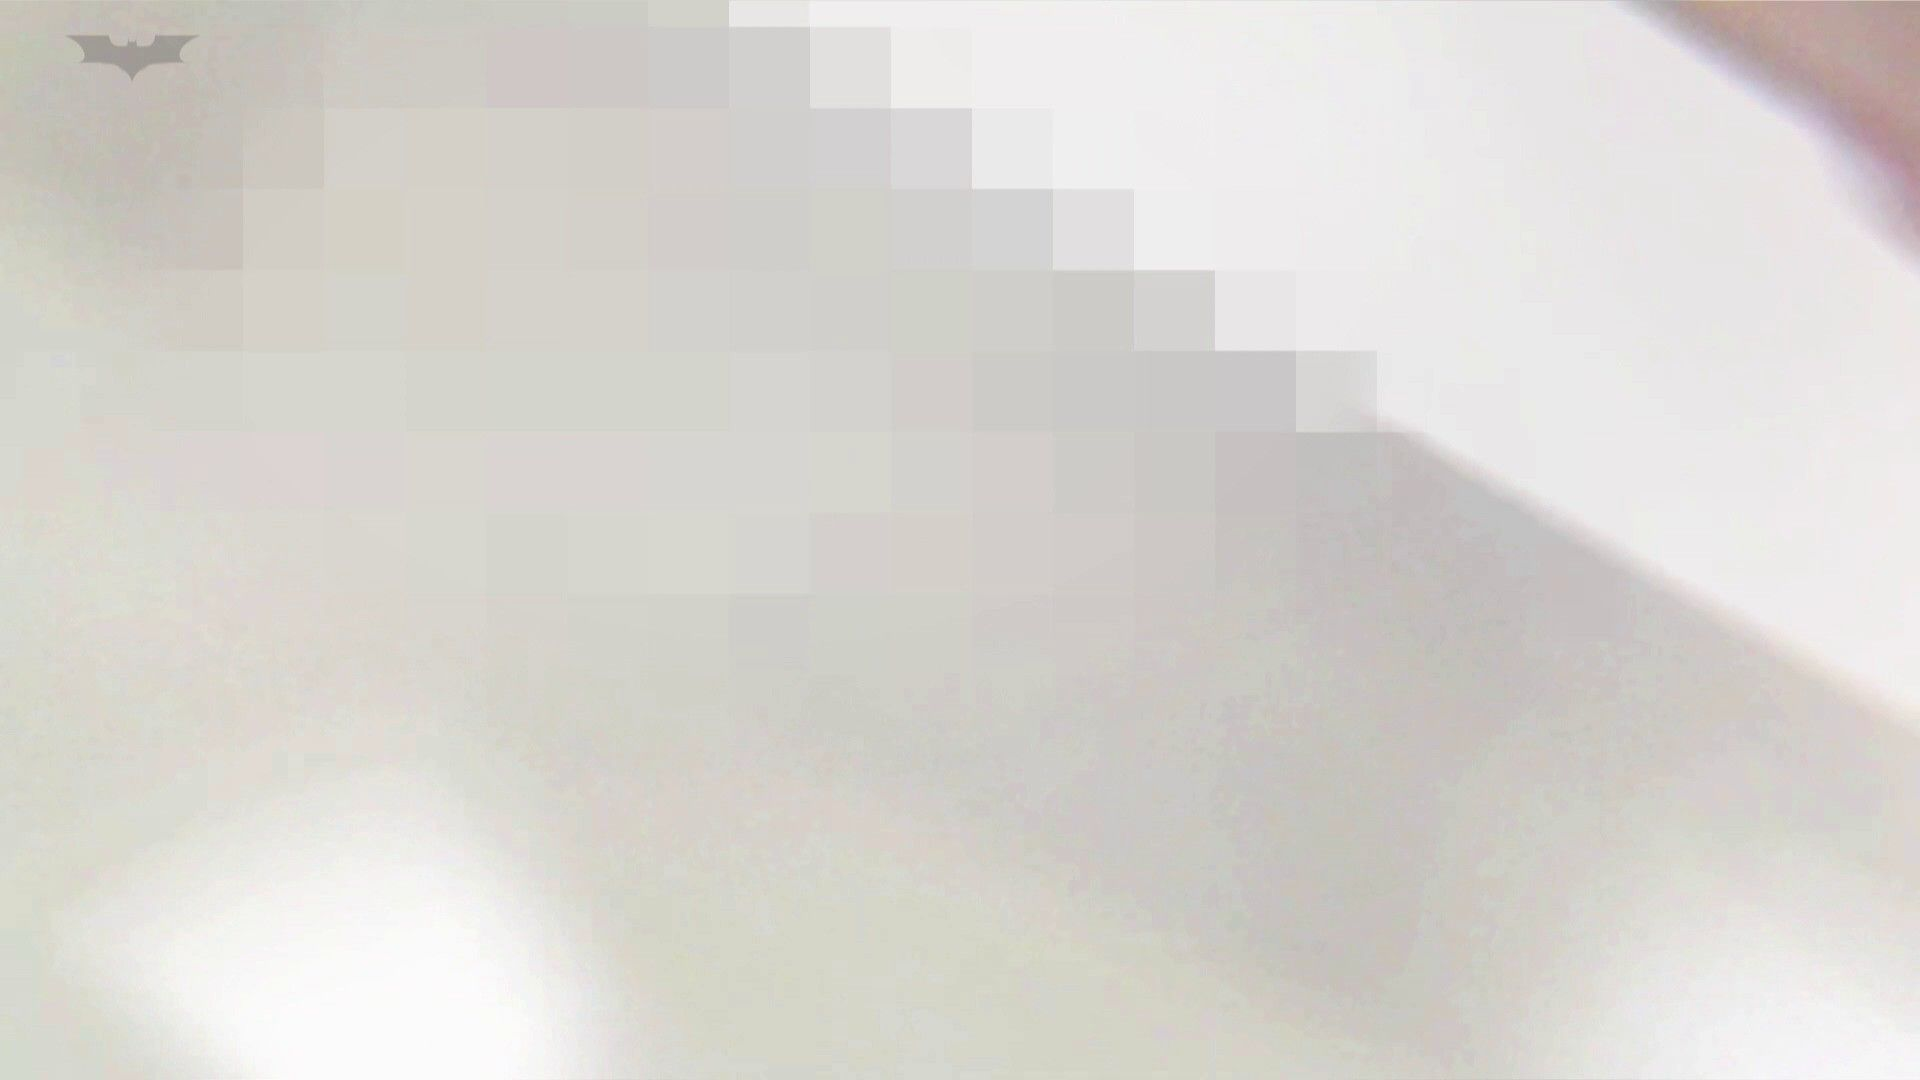 ▲復活限定D▲第三体育館潜入撮File018 夏帆に激似現役の未開発の下を 盛合せ   ギャル達  96枚 15